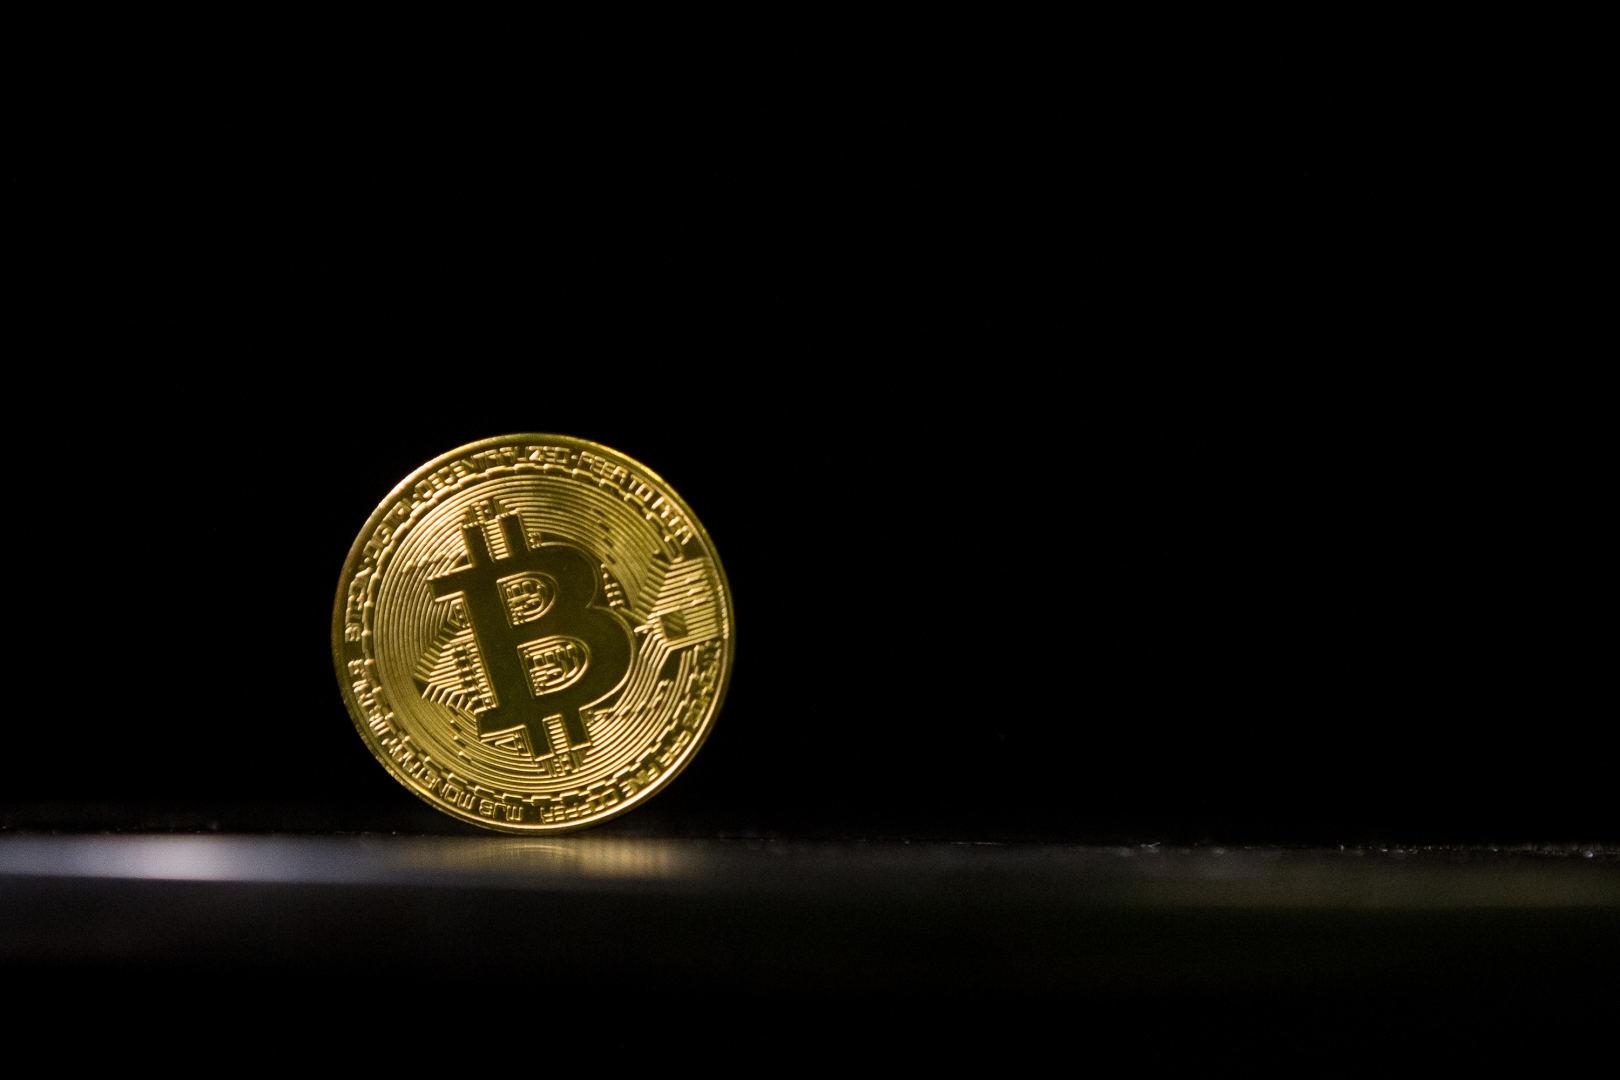 vikipedijos parinktis kaip užsidirbti pinigų kriptovaliuta su investicija